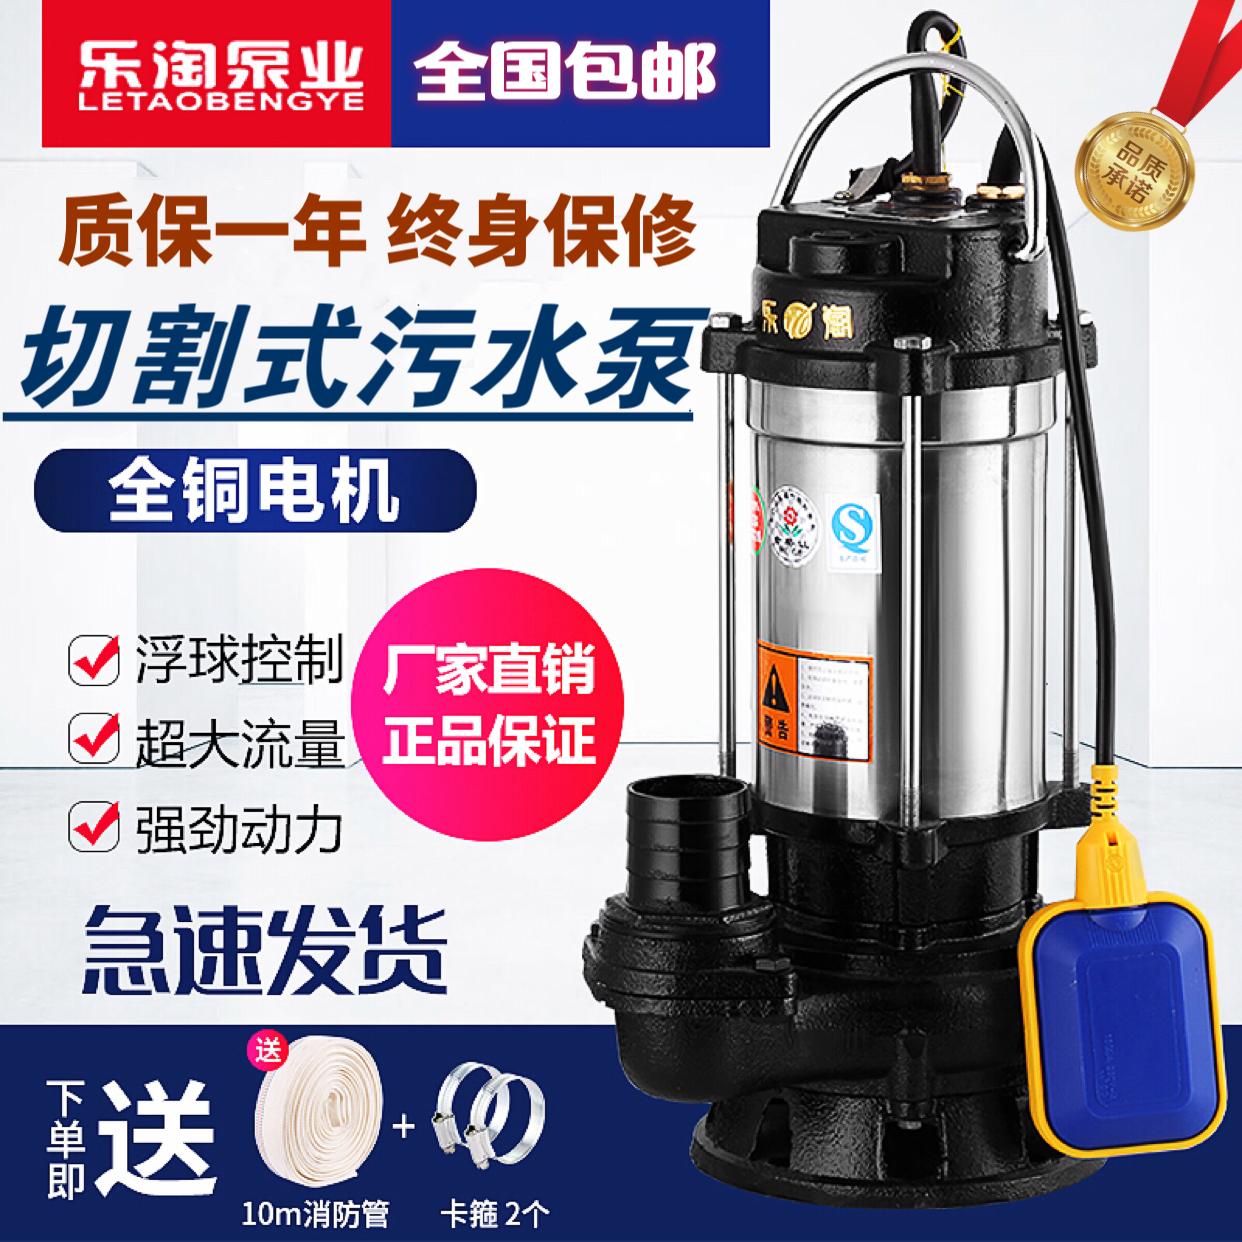 全自�游鬯�泵220v家用�蜗嗷��S池排污泵切割式沼�獬啬�{泵抽�S�C